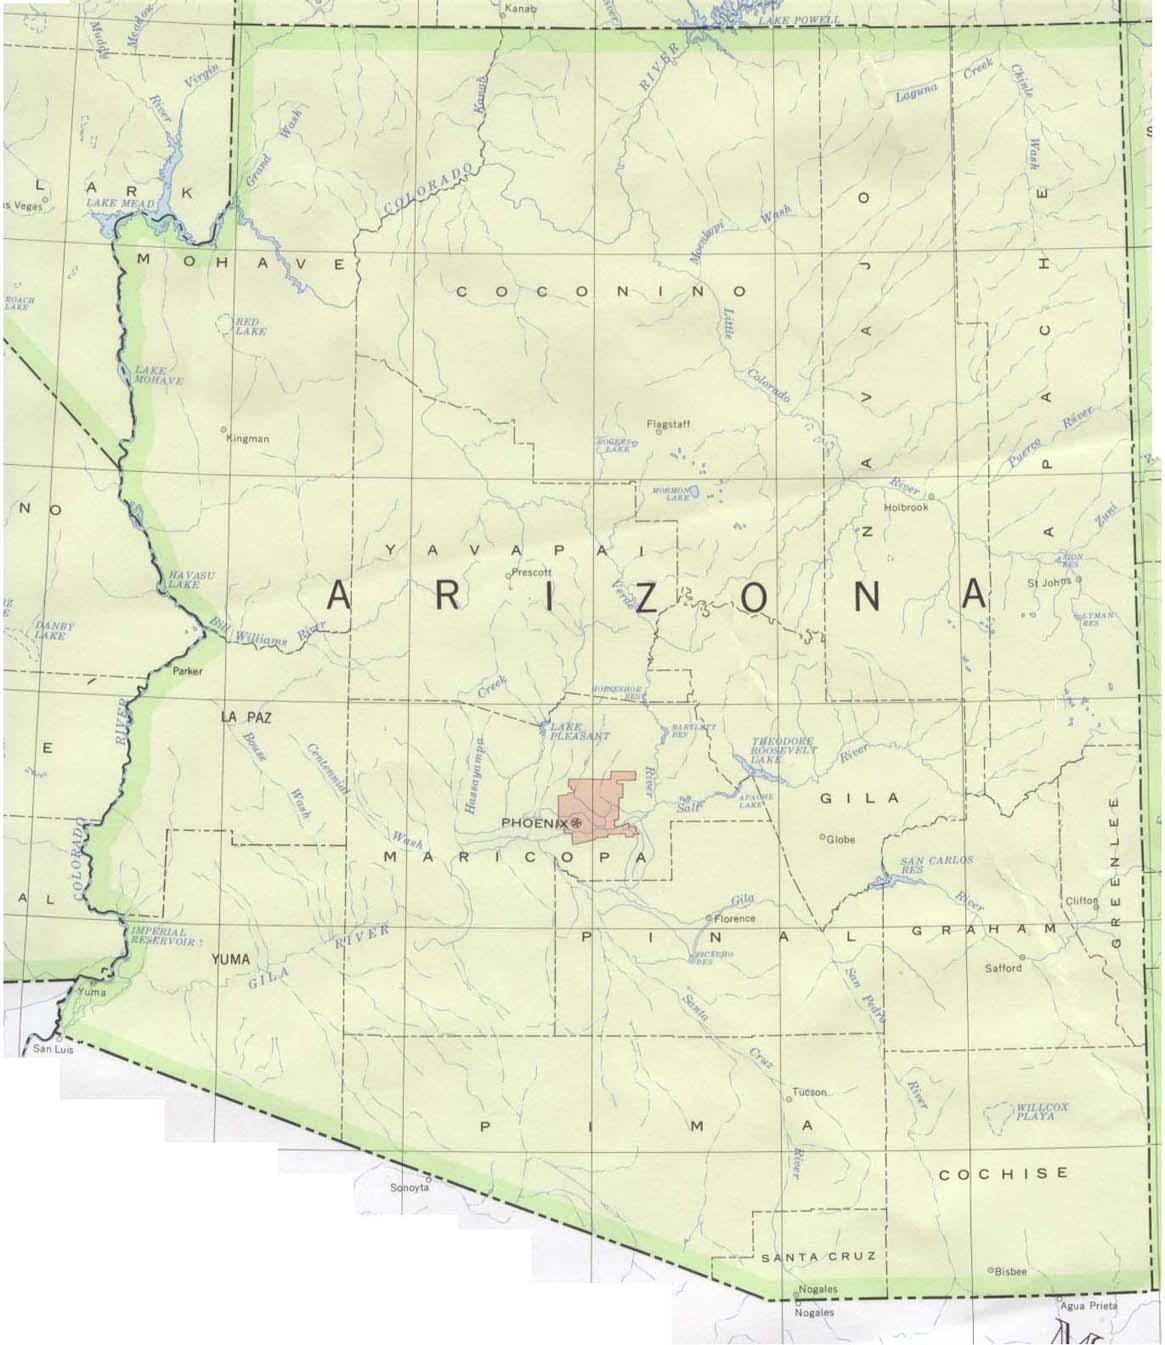 Mapa del Estado de Arizona, Estados Unidos